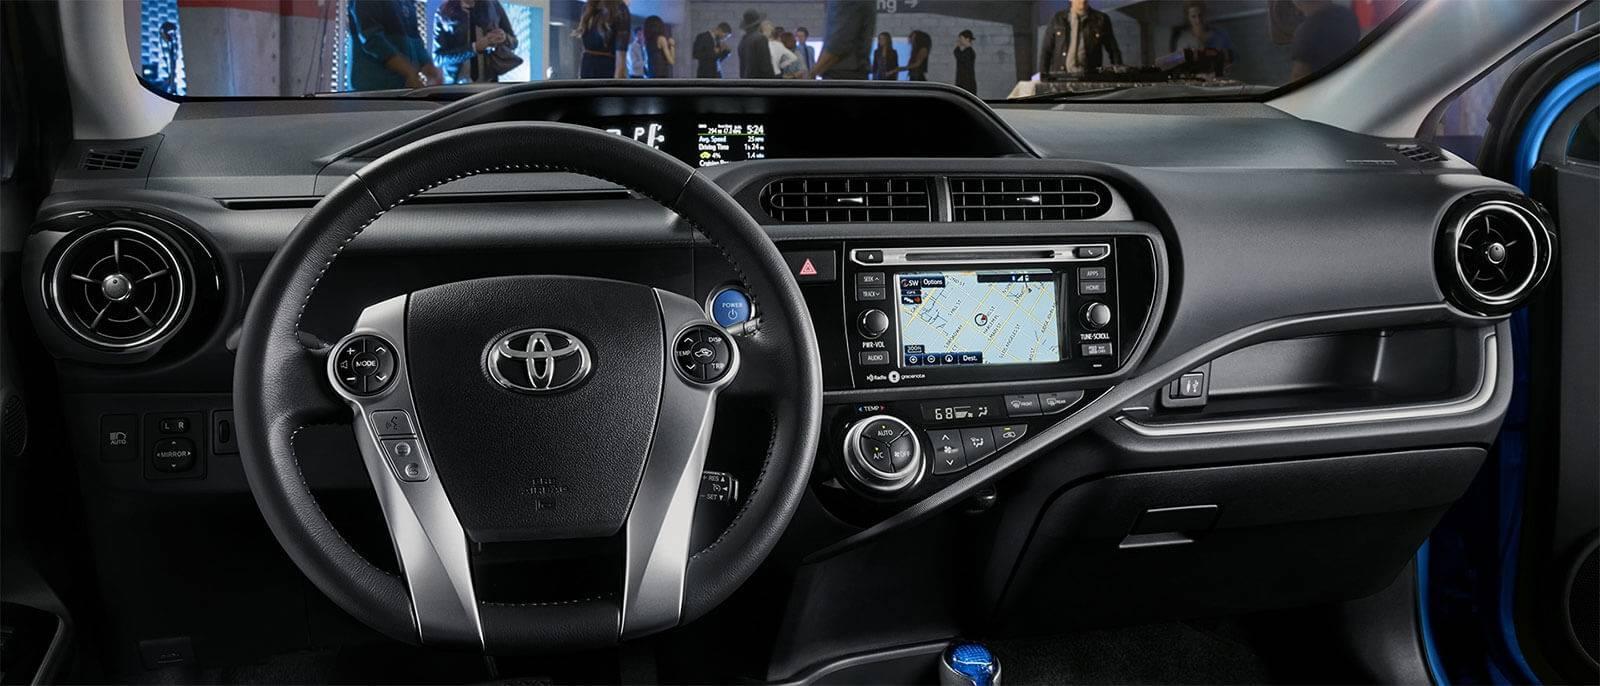 2017 Toyota Prius c interior dashboard